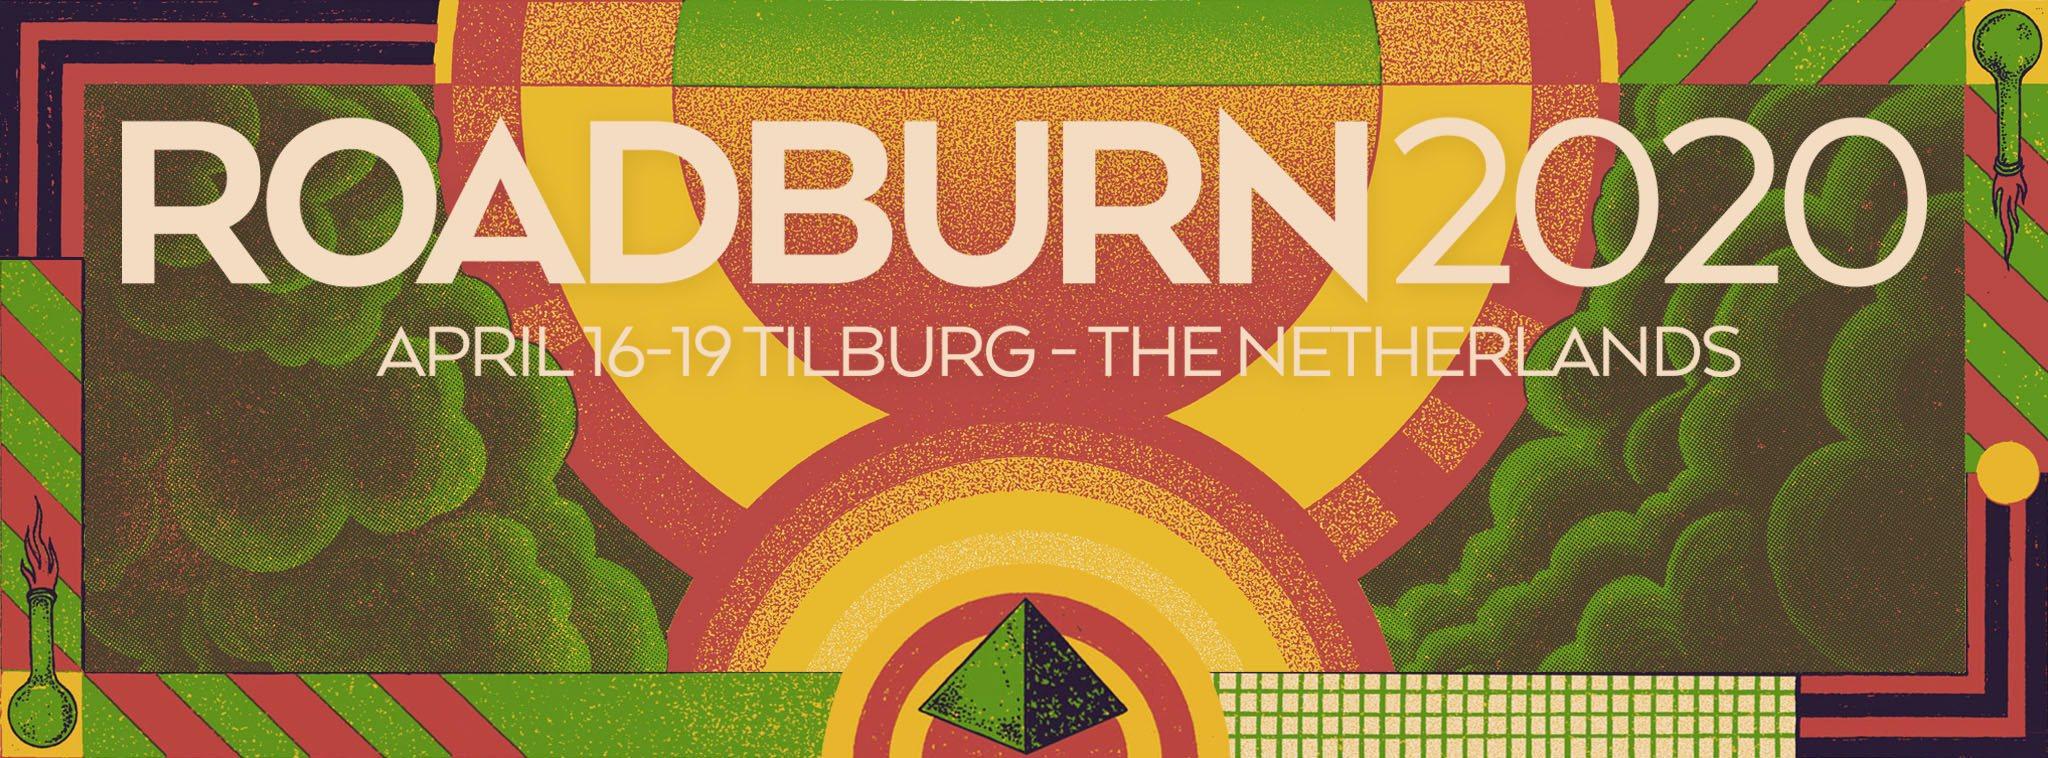 roadburn 2020 banner